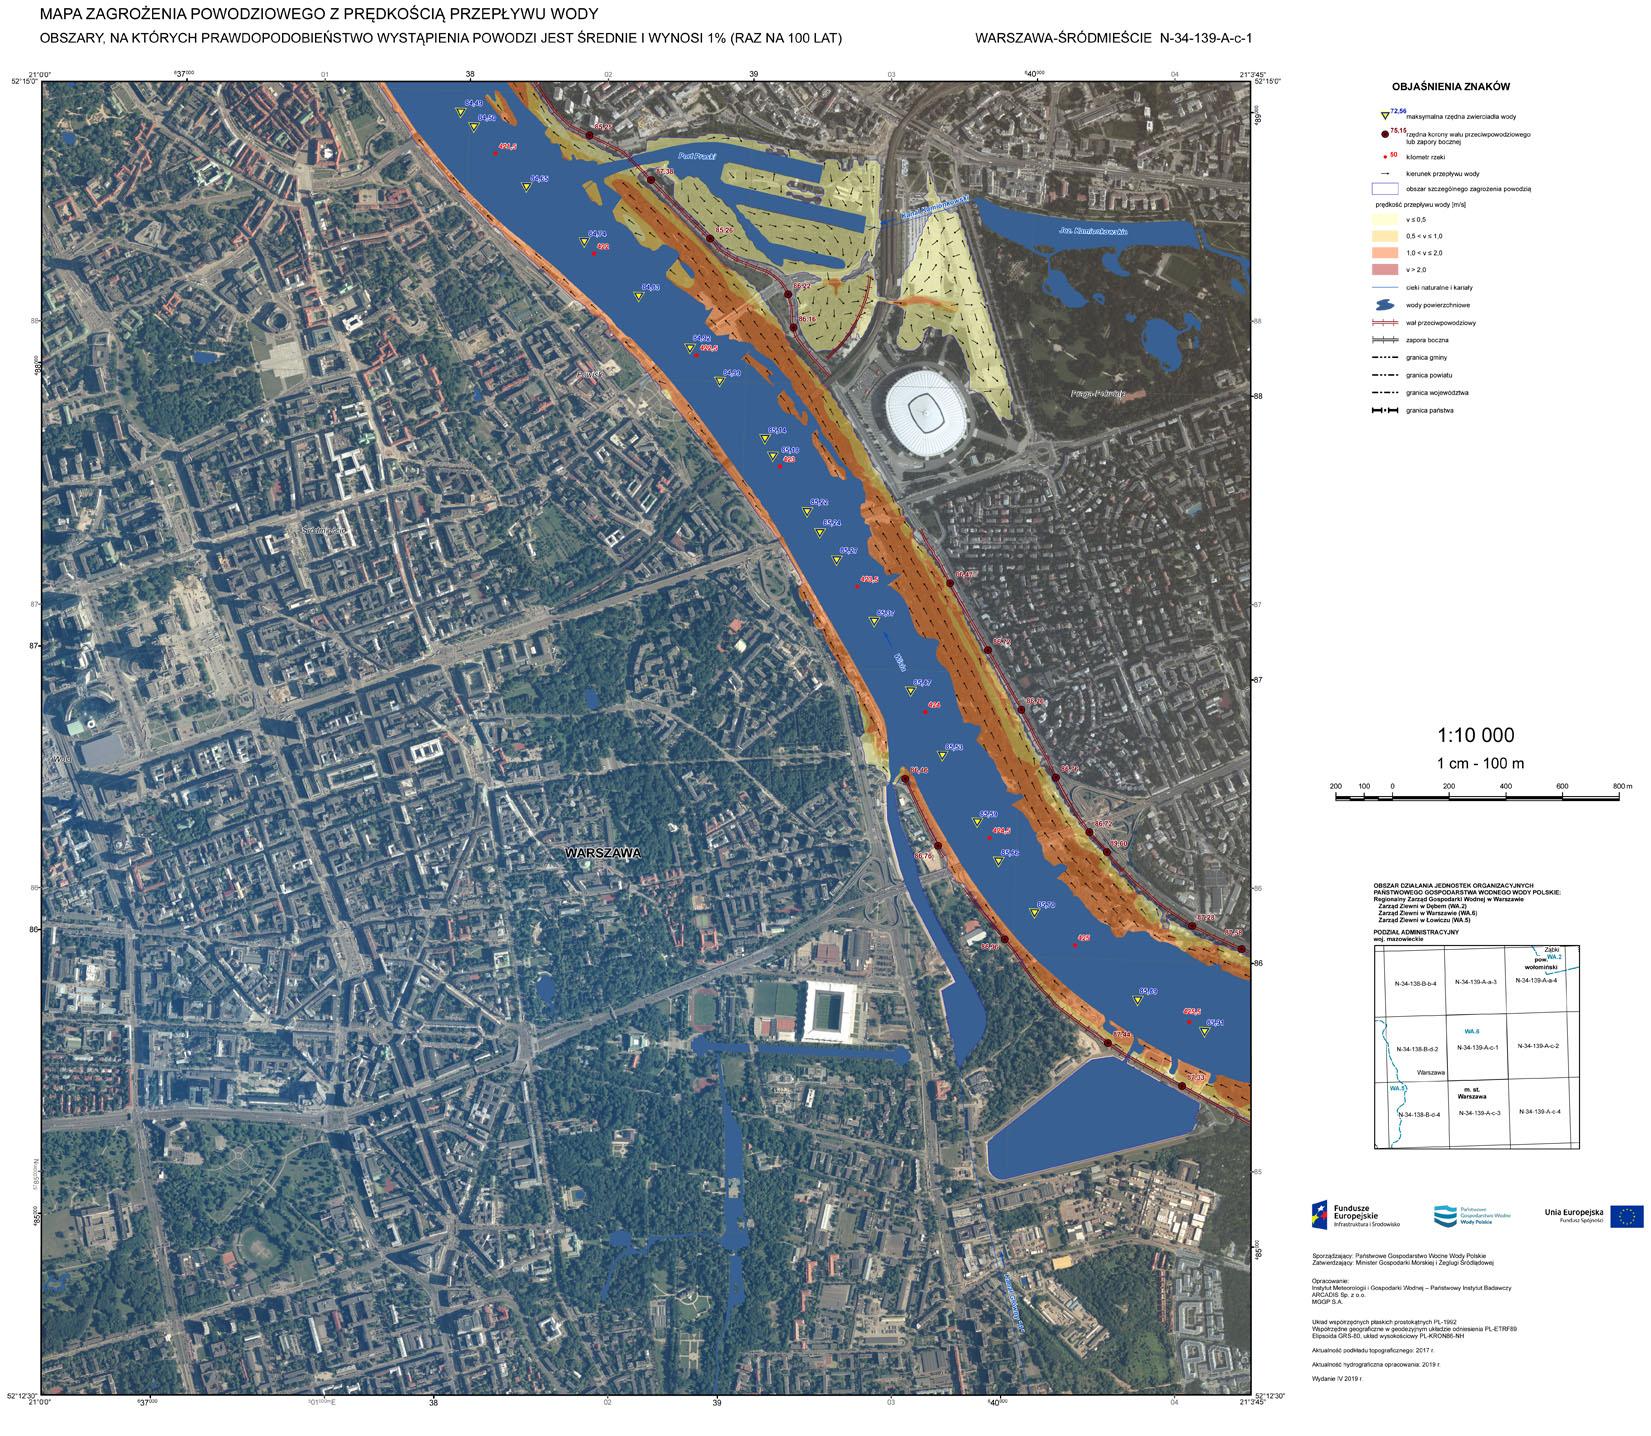 Warszawa. Mapa zagrożenia powodziowego (https://isok.gov.pl/hydroportal.html)